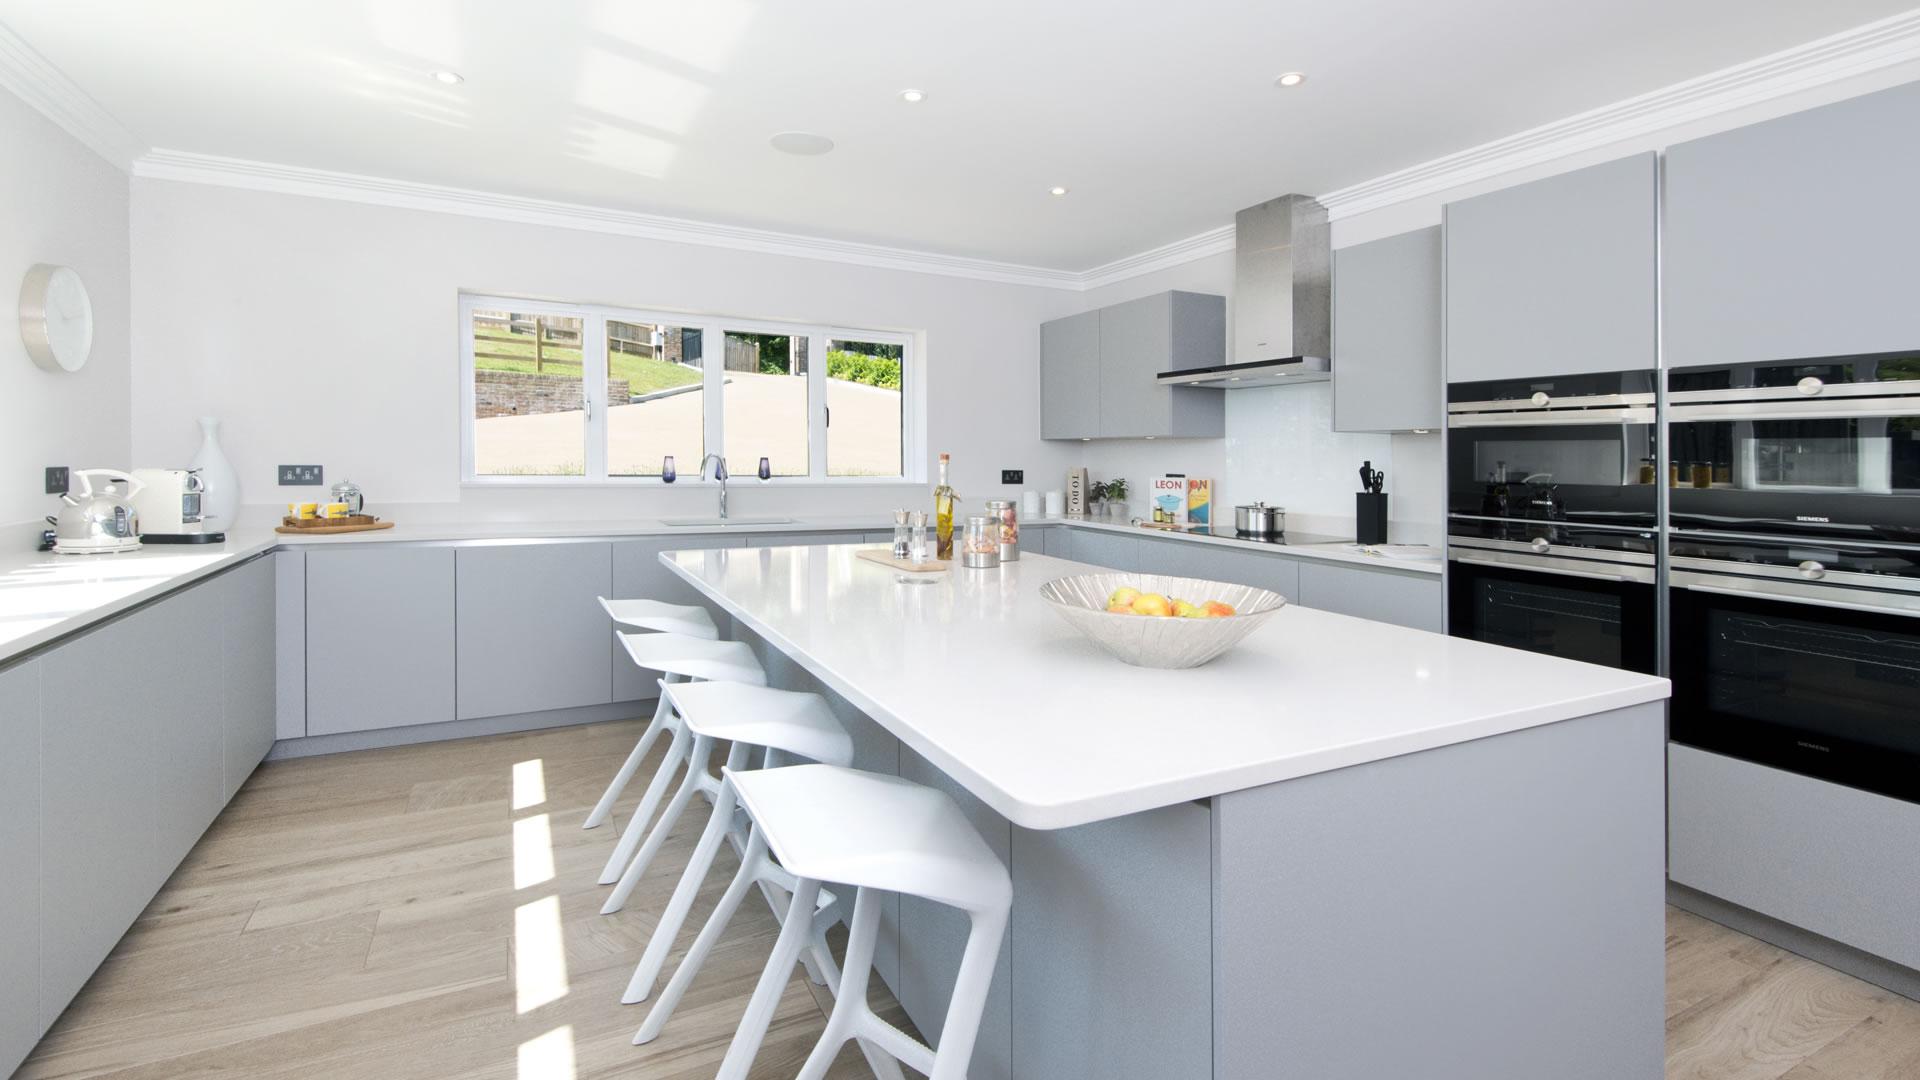 Ravenwood Property kitchen image